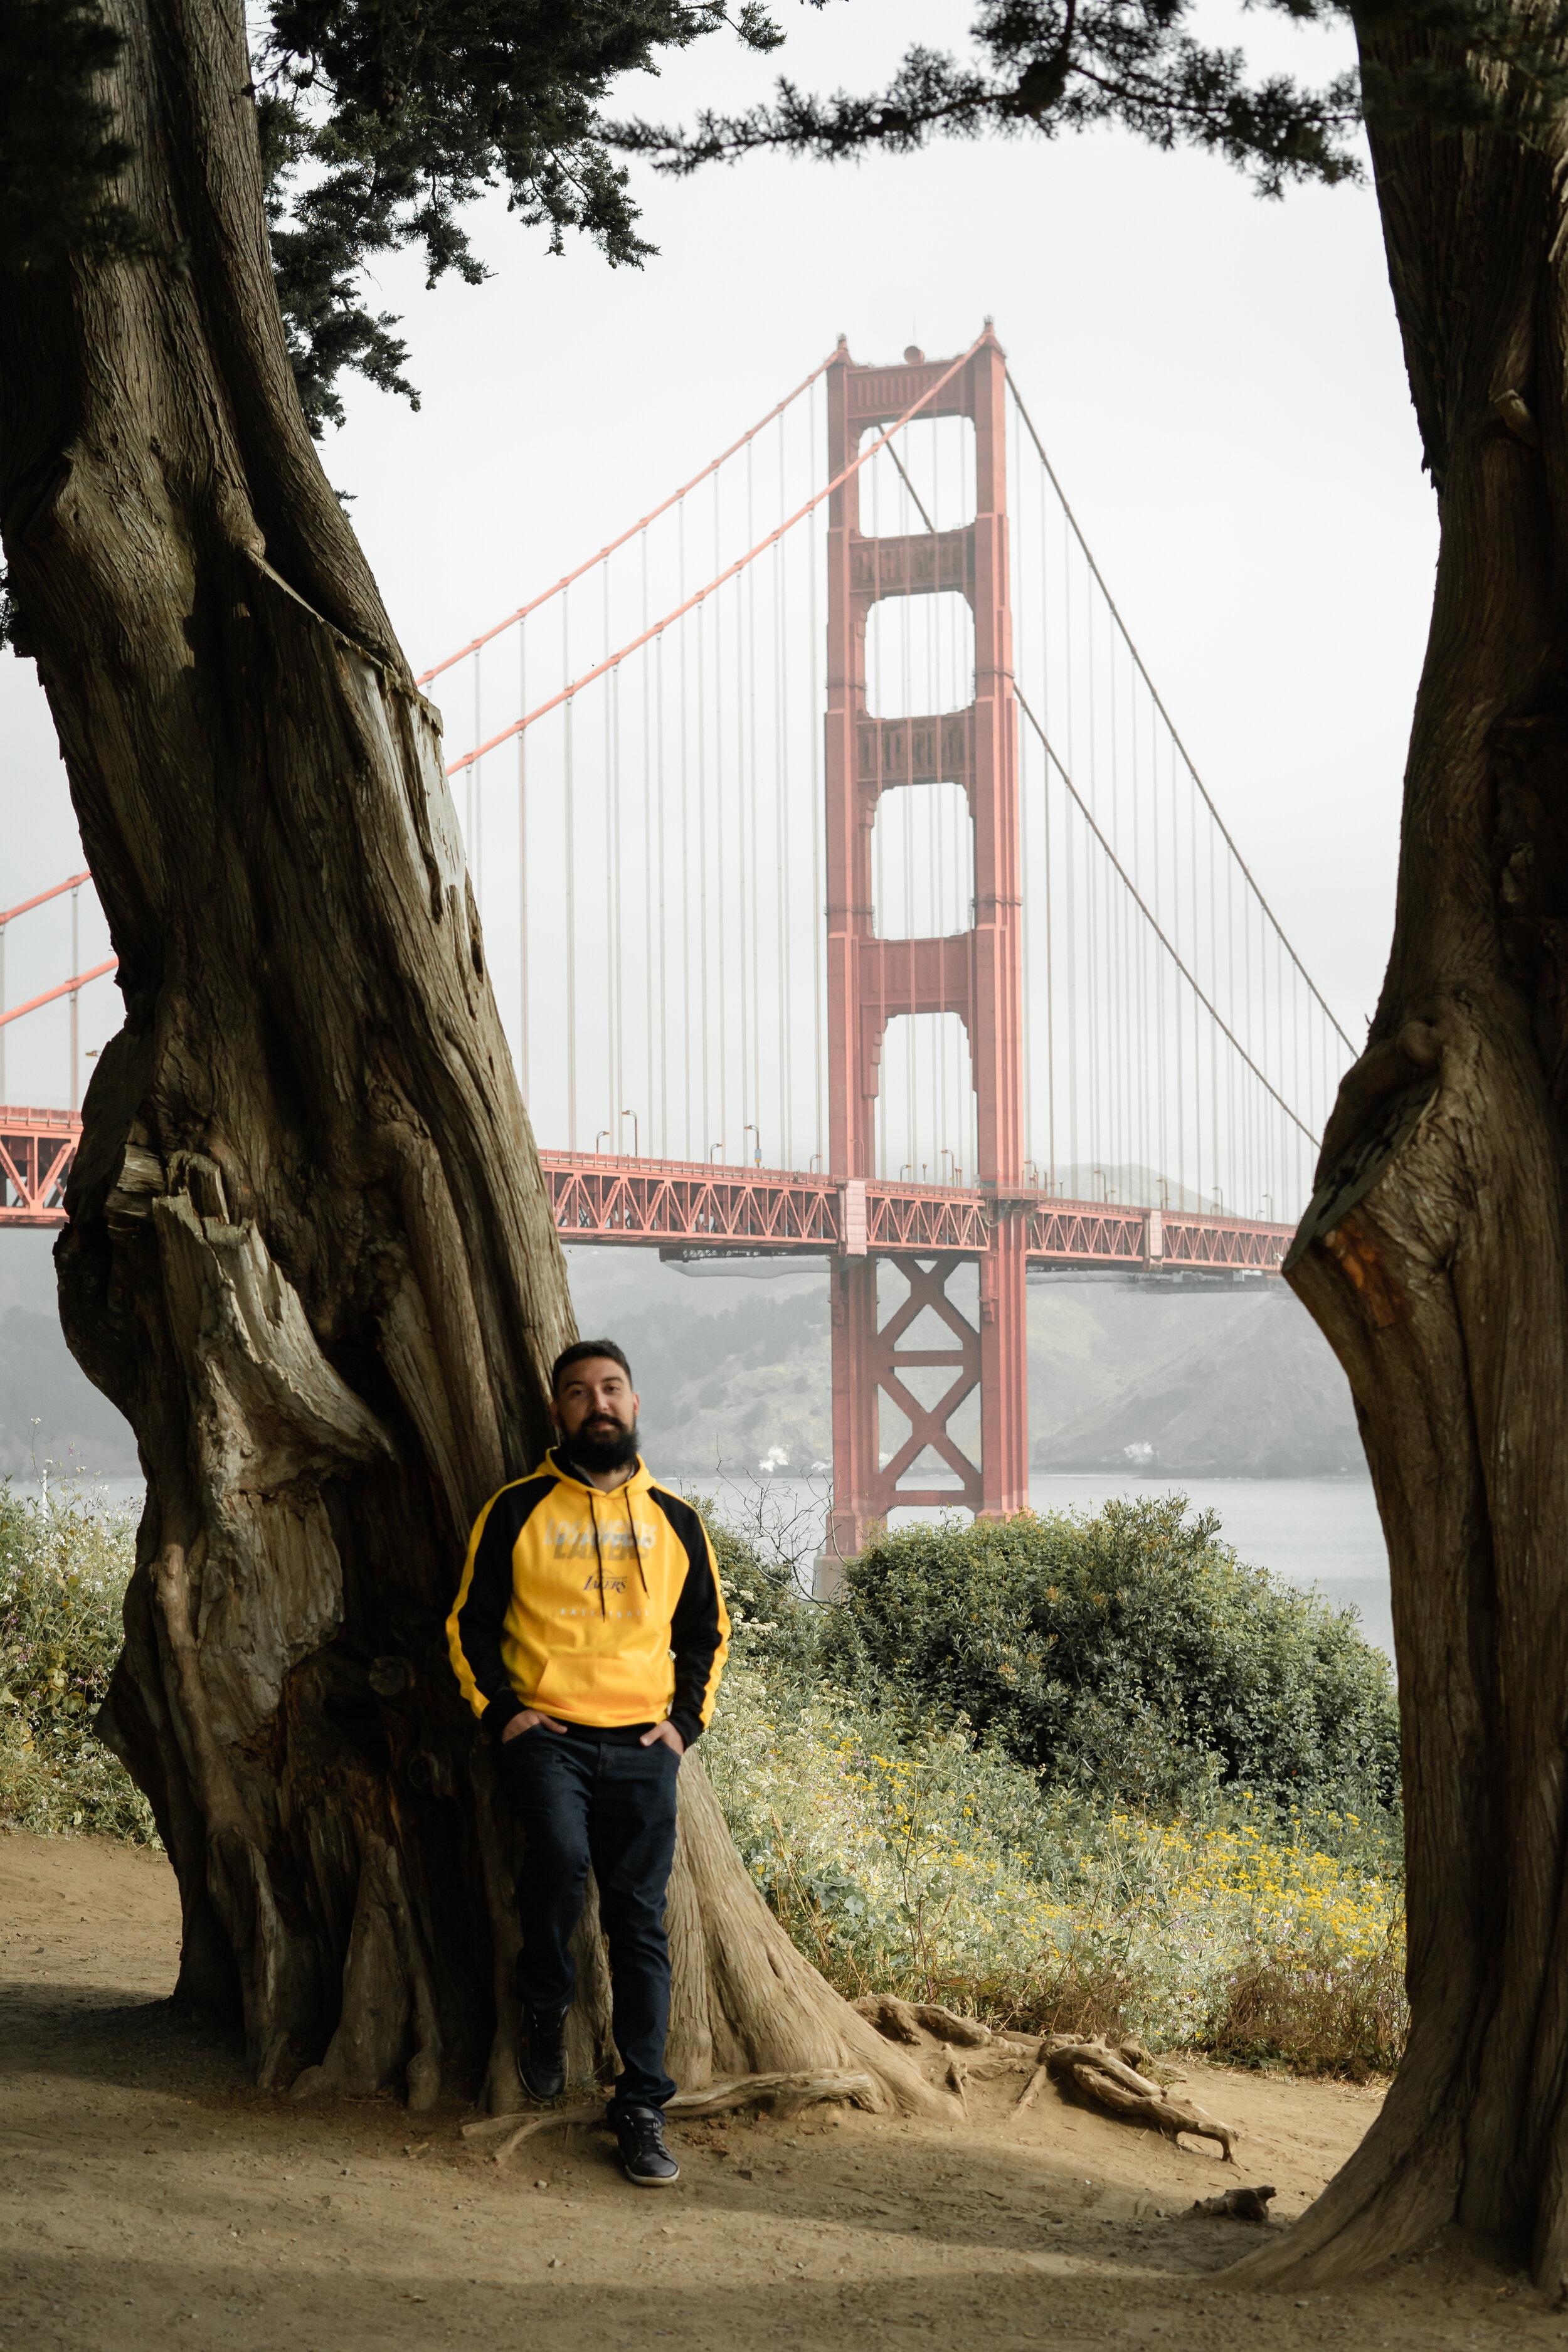 Ensaio Fotografico em Sao Francisco 10.jpg